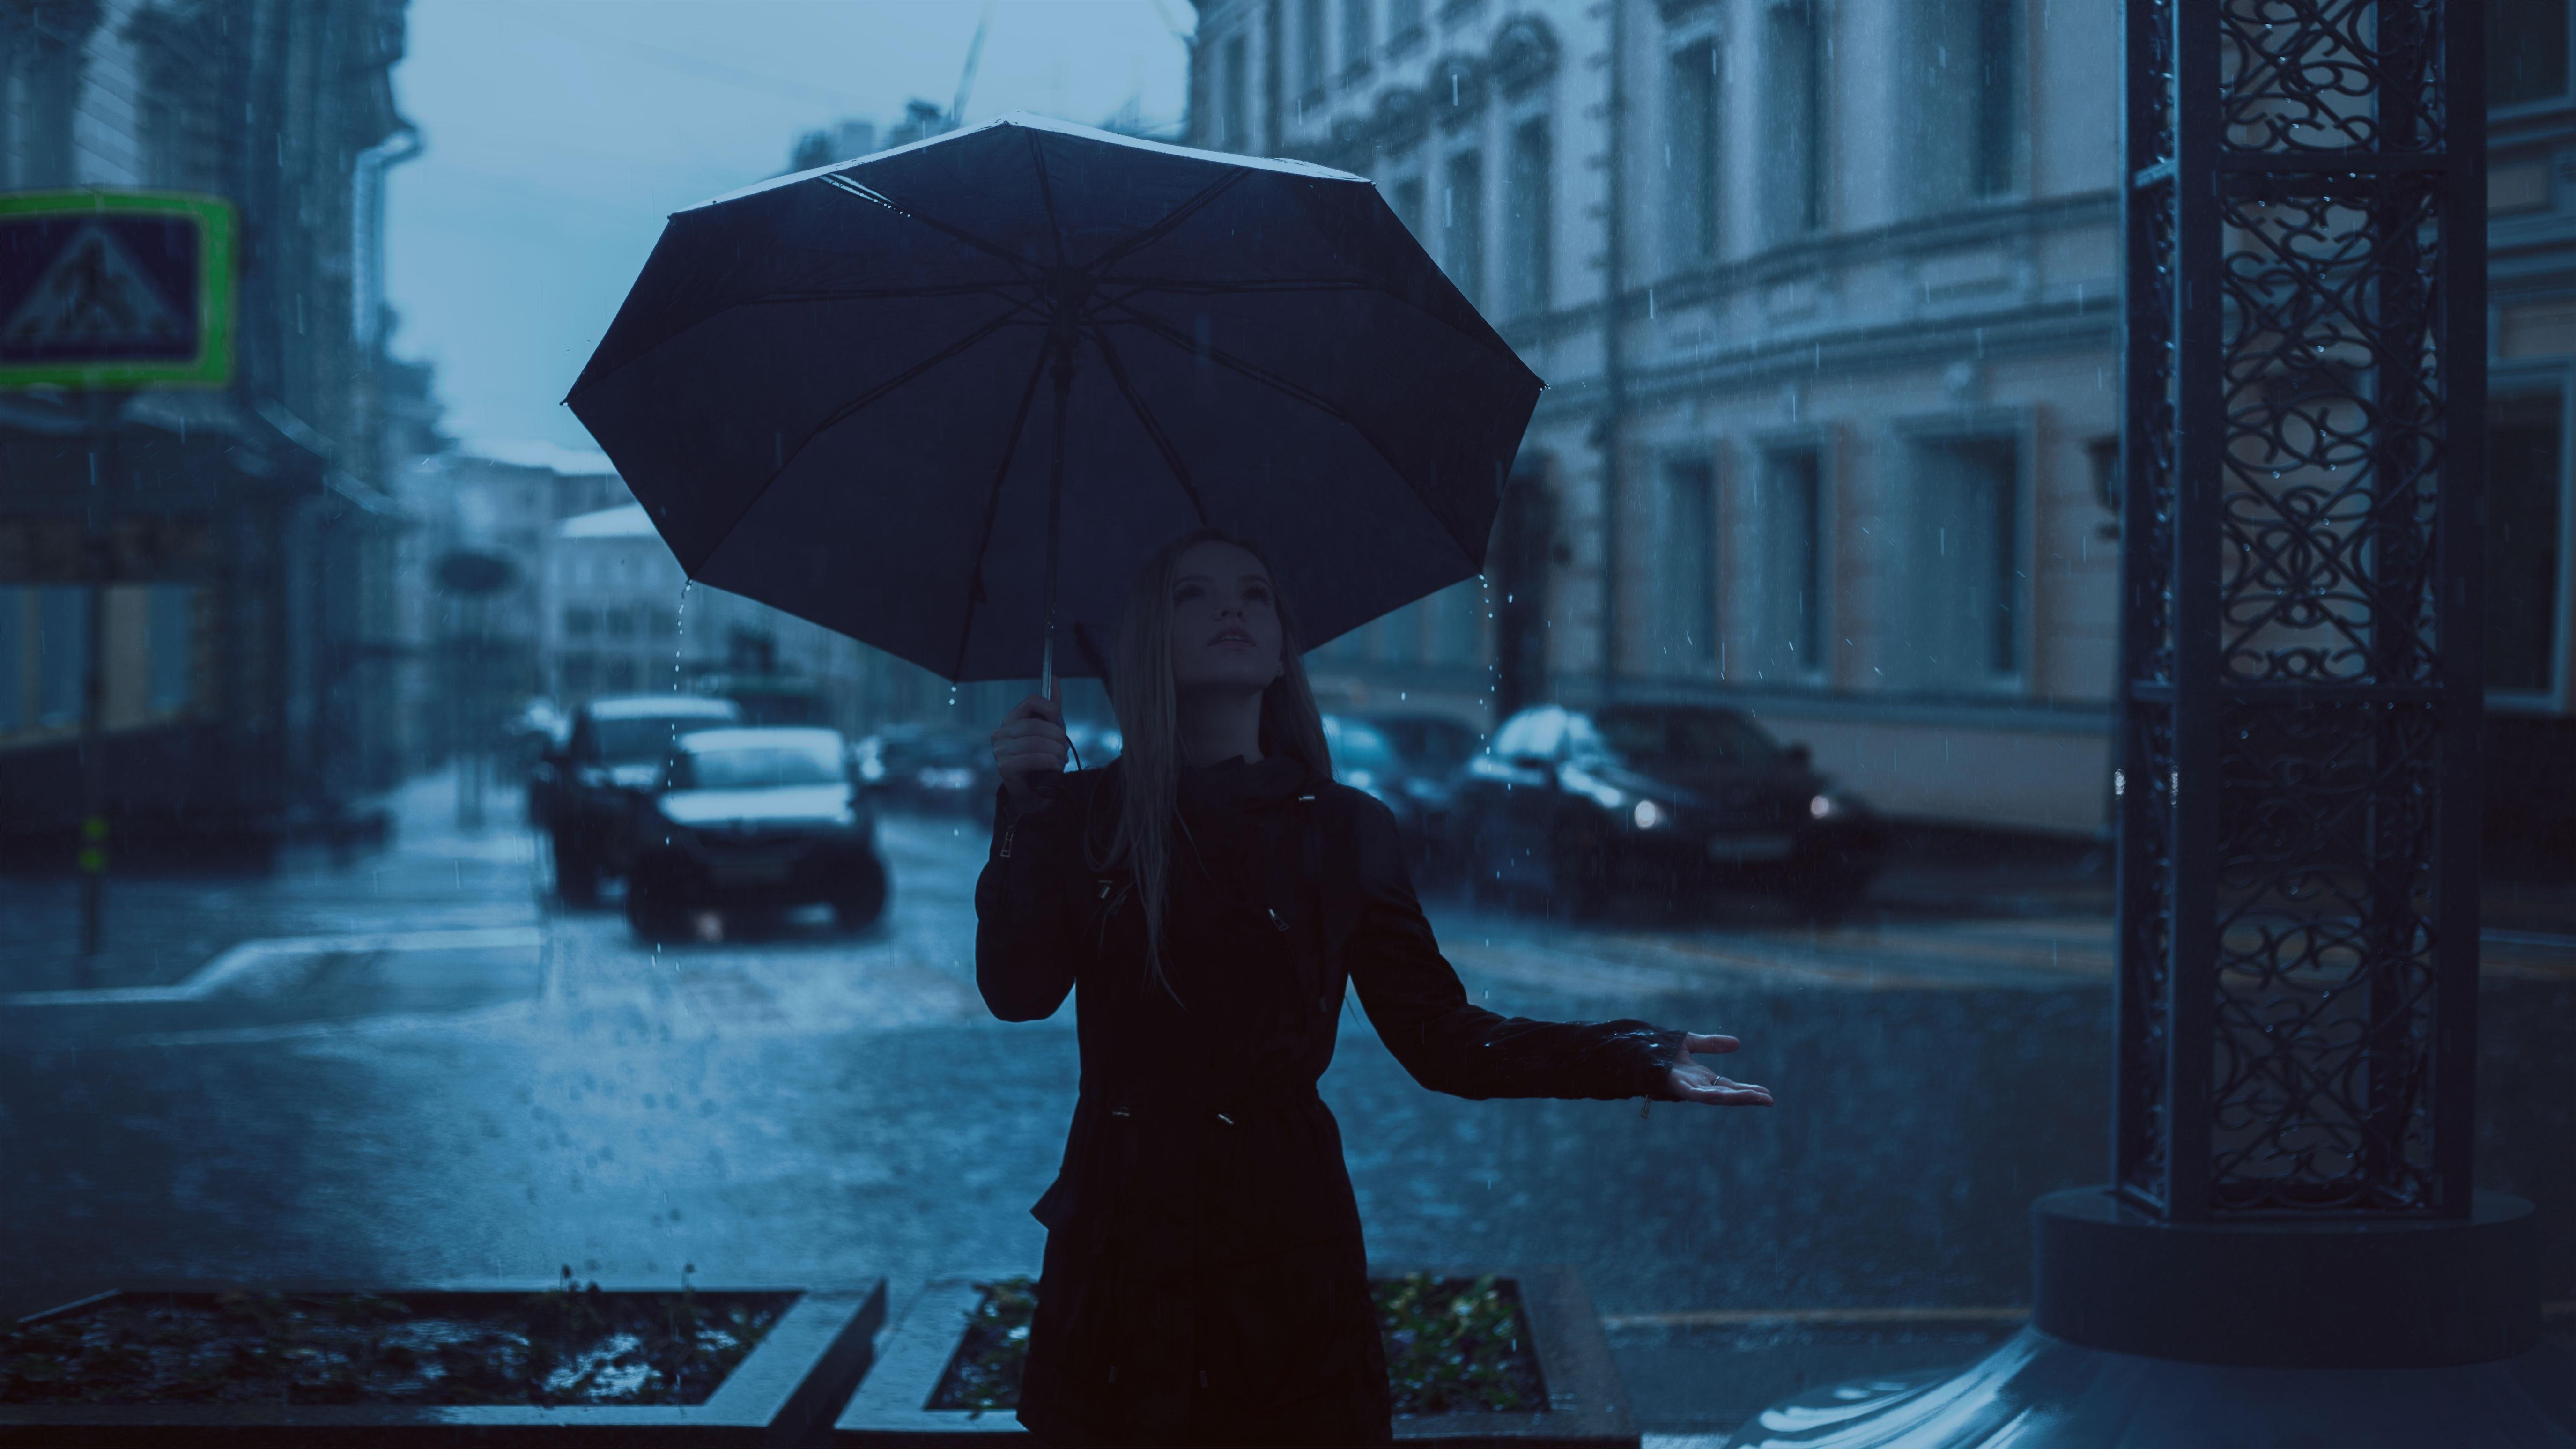 girl with umbrella enjoying rain 1575664029 - Girl With Umbrella Enjoying Rain -